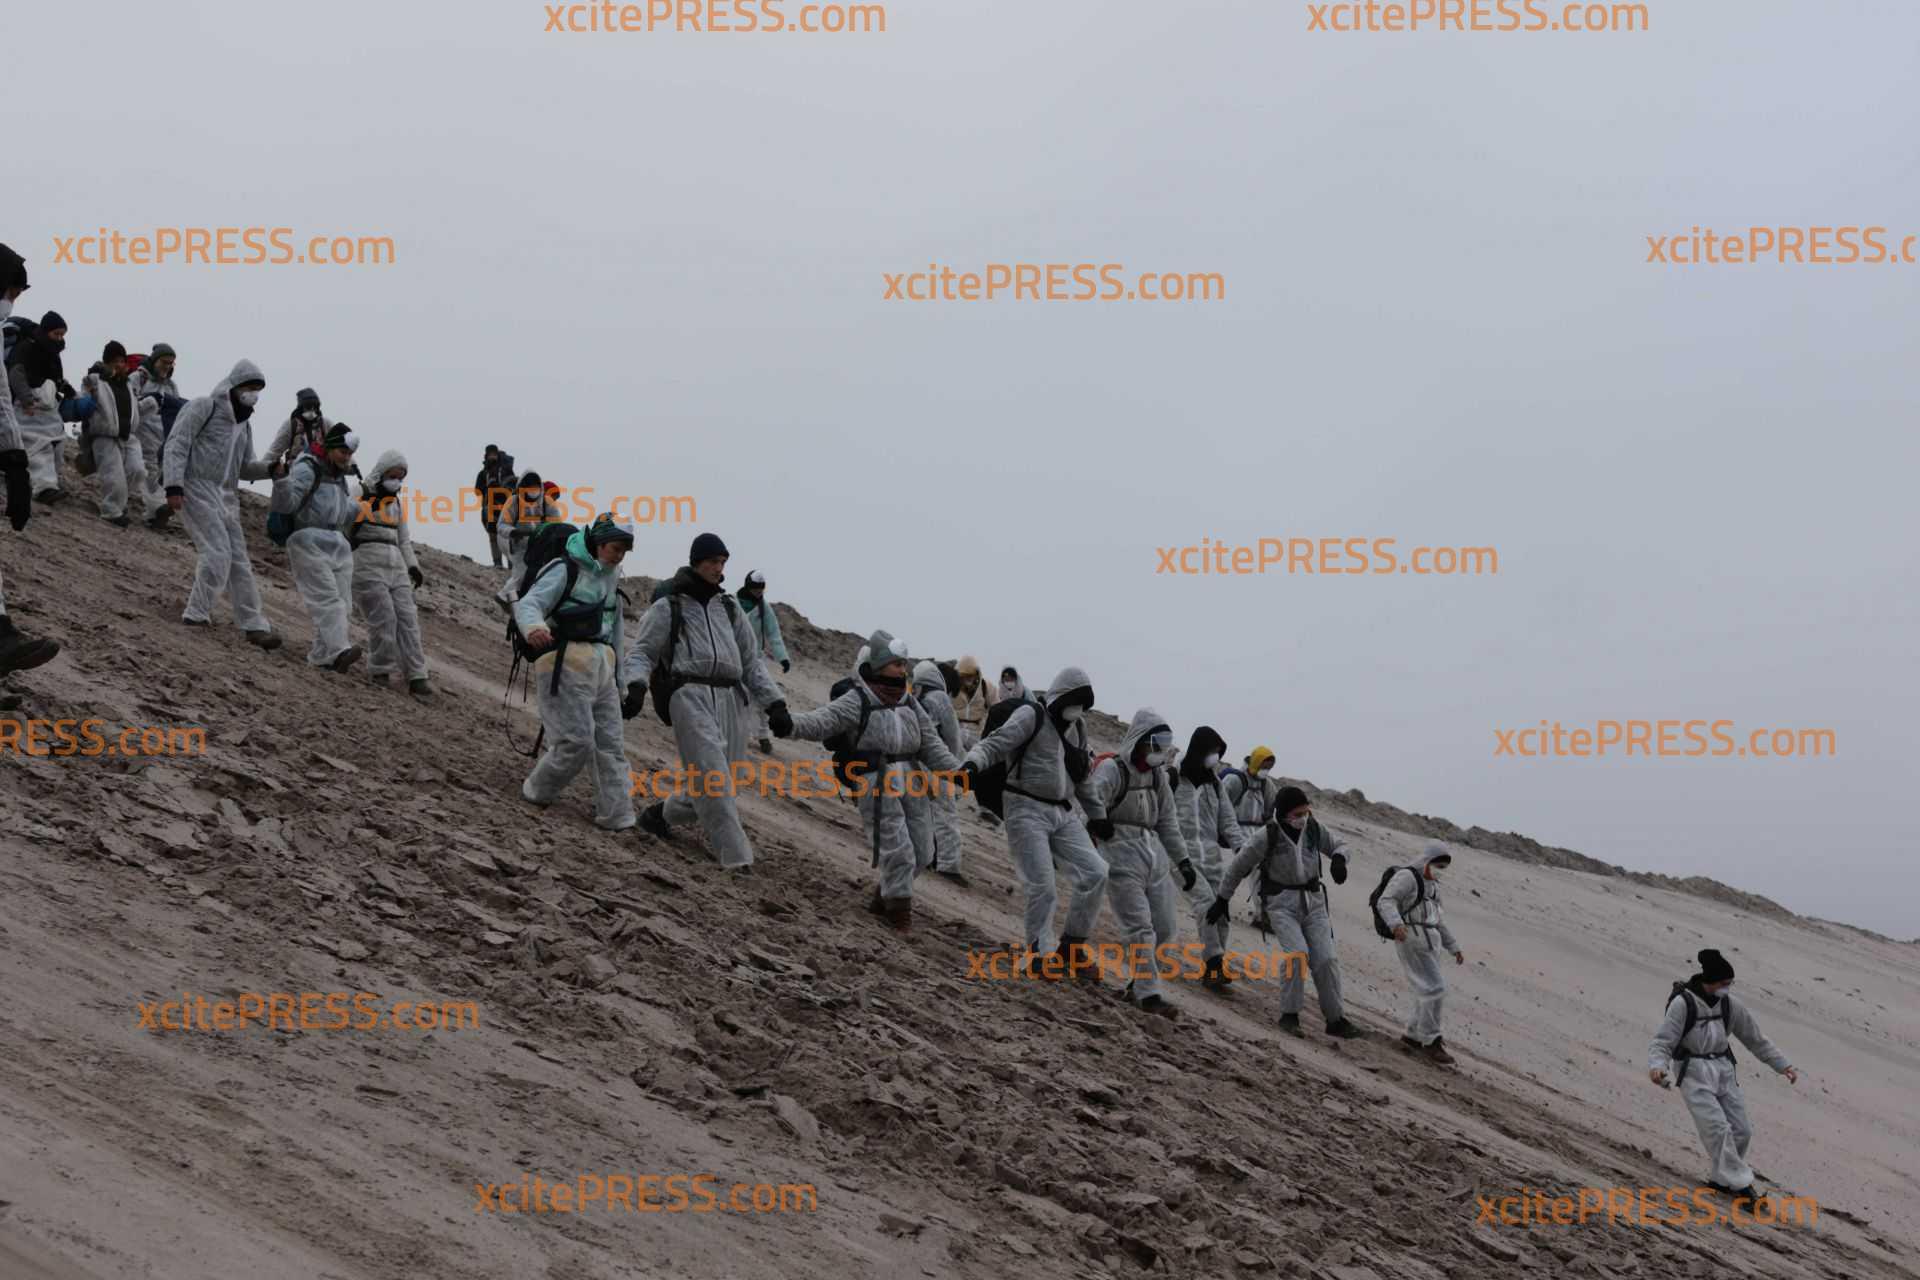 Aktivisten ziehen nach Besetzung aus Tagebau Welzow-Süd: Friedlicher Protest ohne größere Probleme